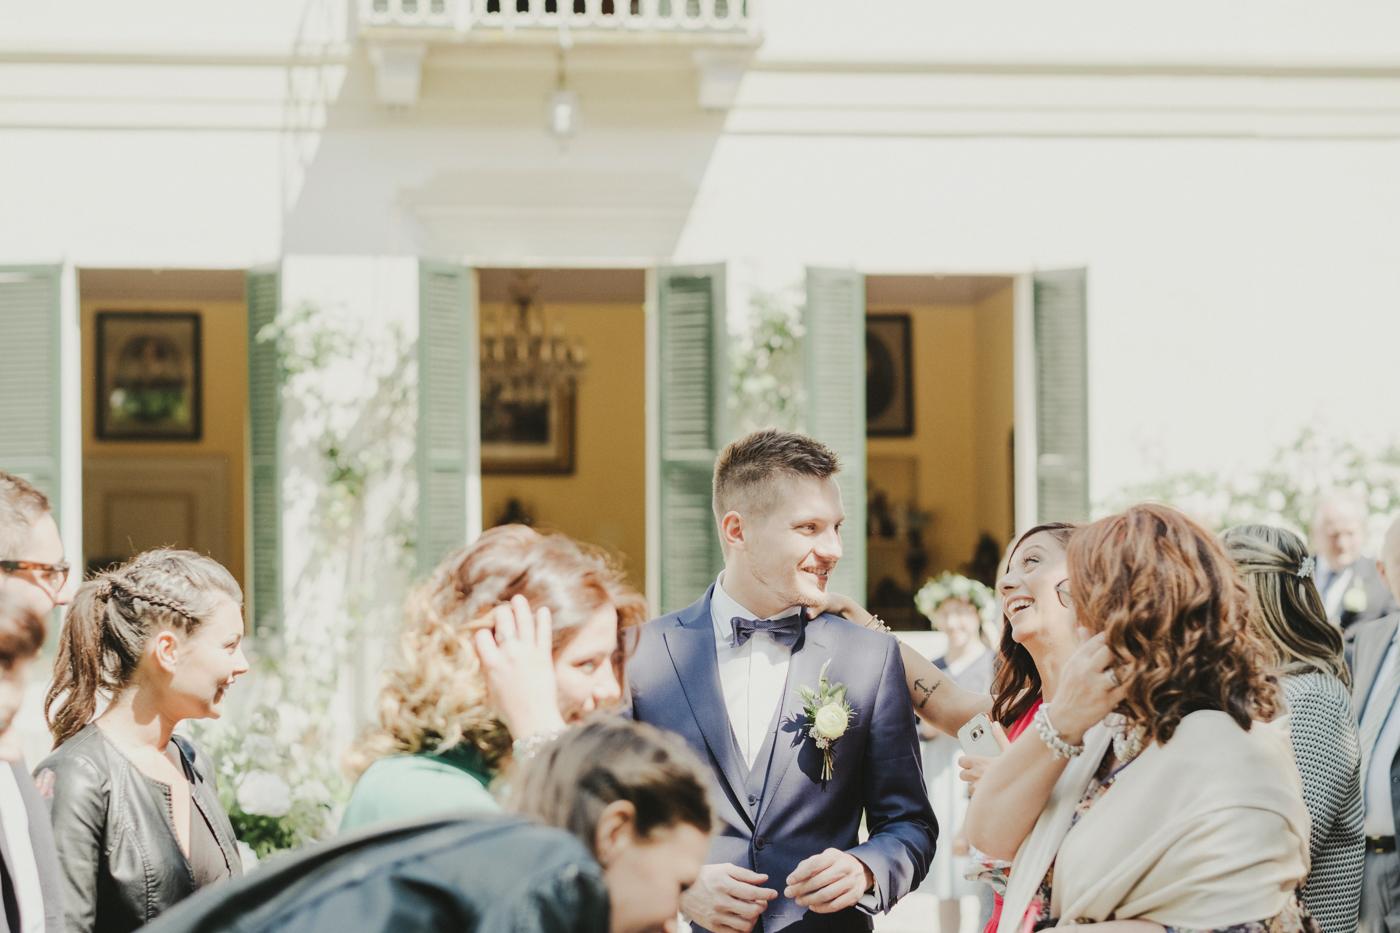 fotografo matrimonio como-29.jpg